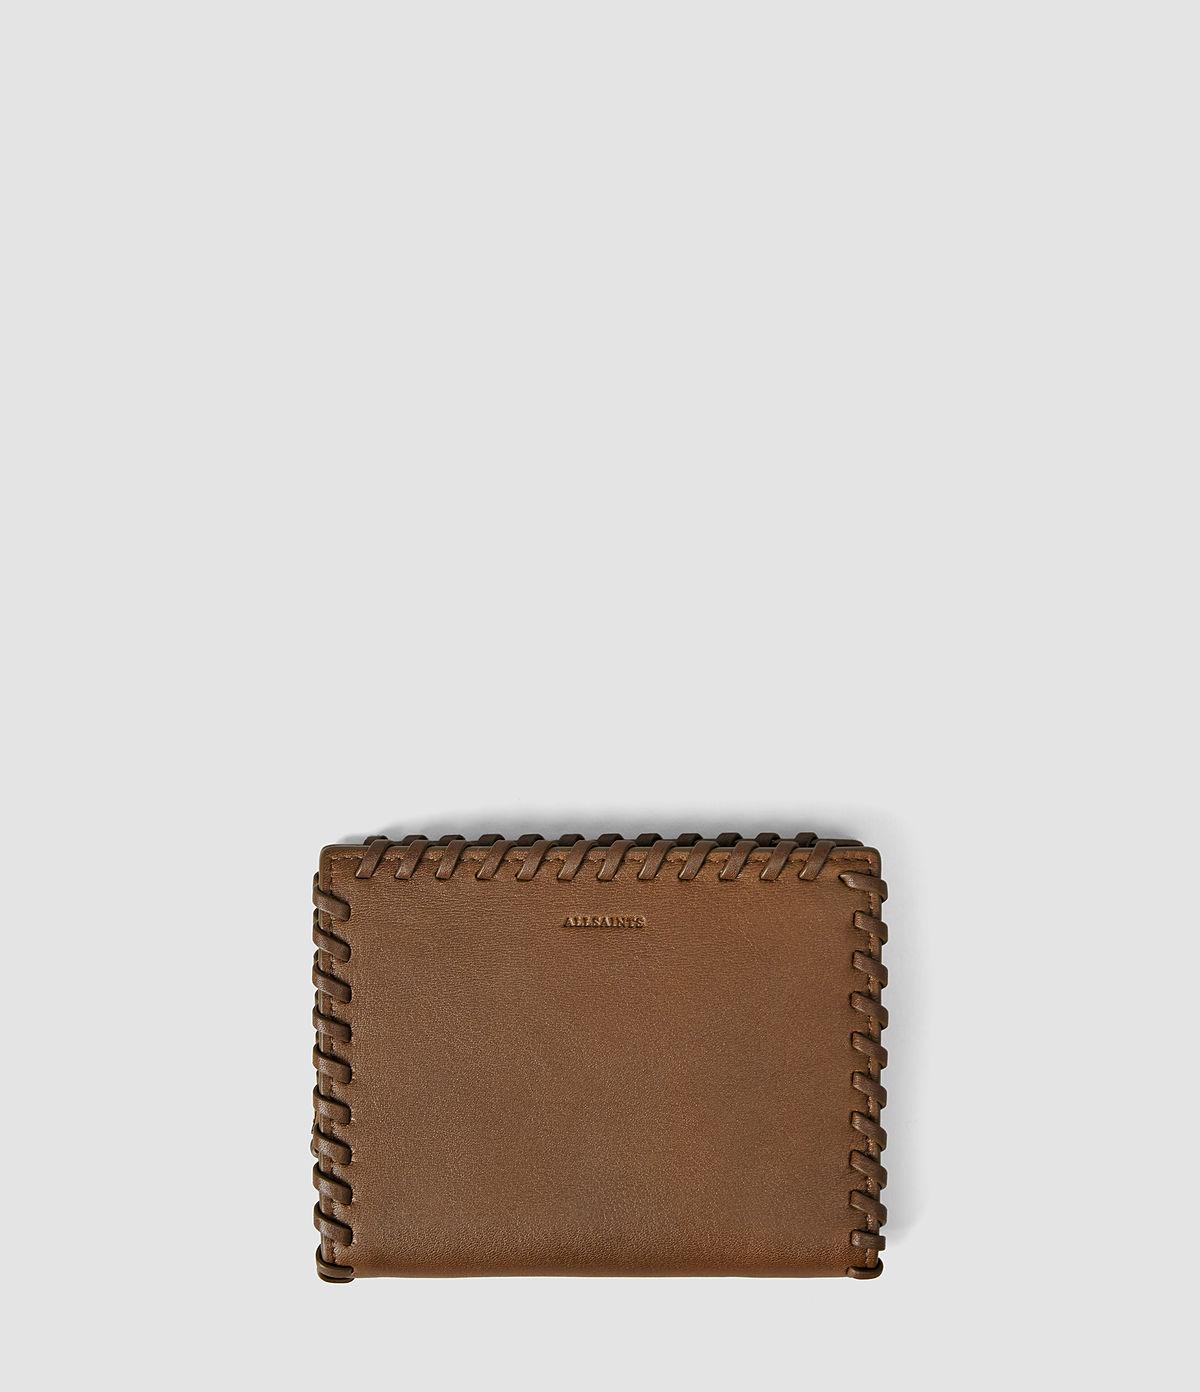 fleur-de-lis-small-leather-wallet